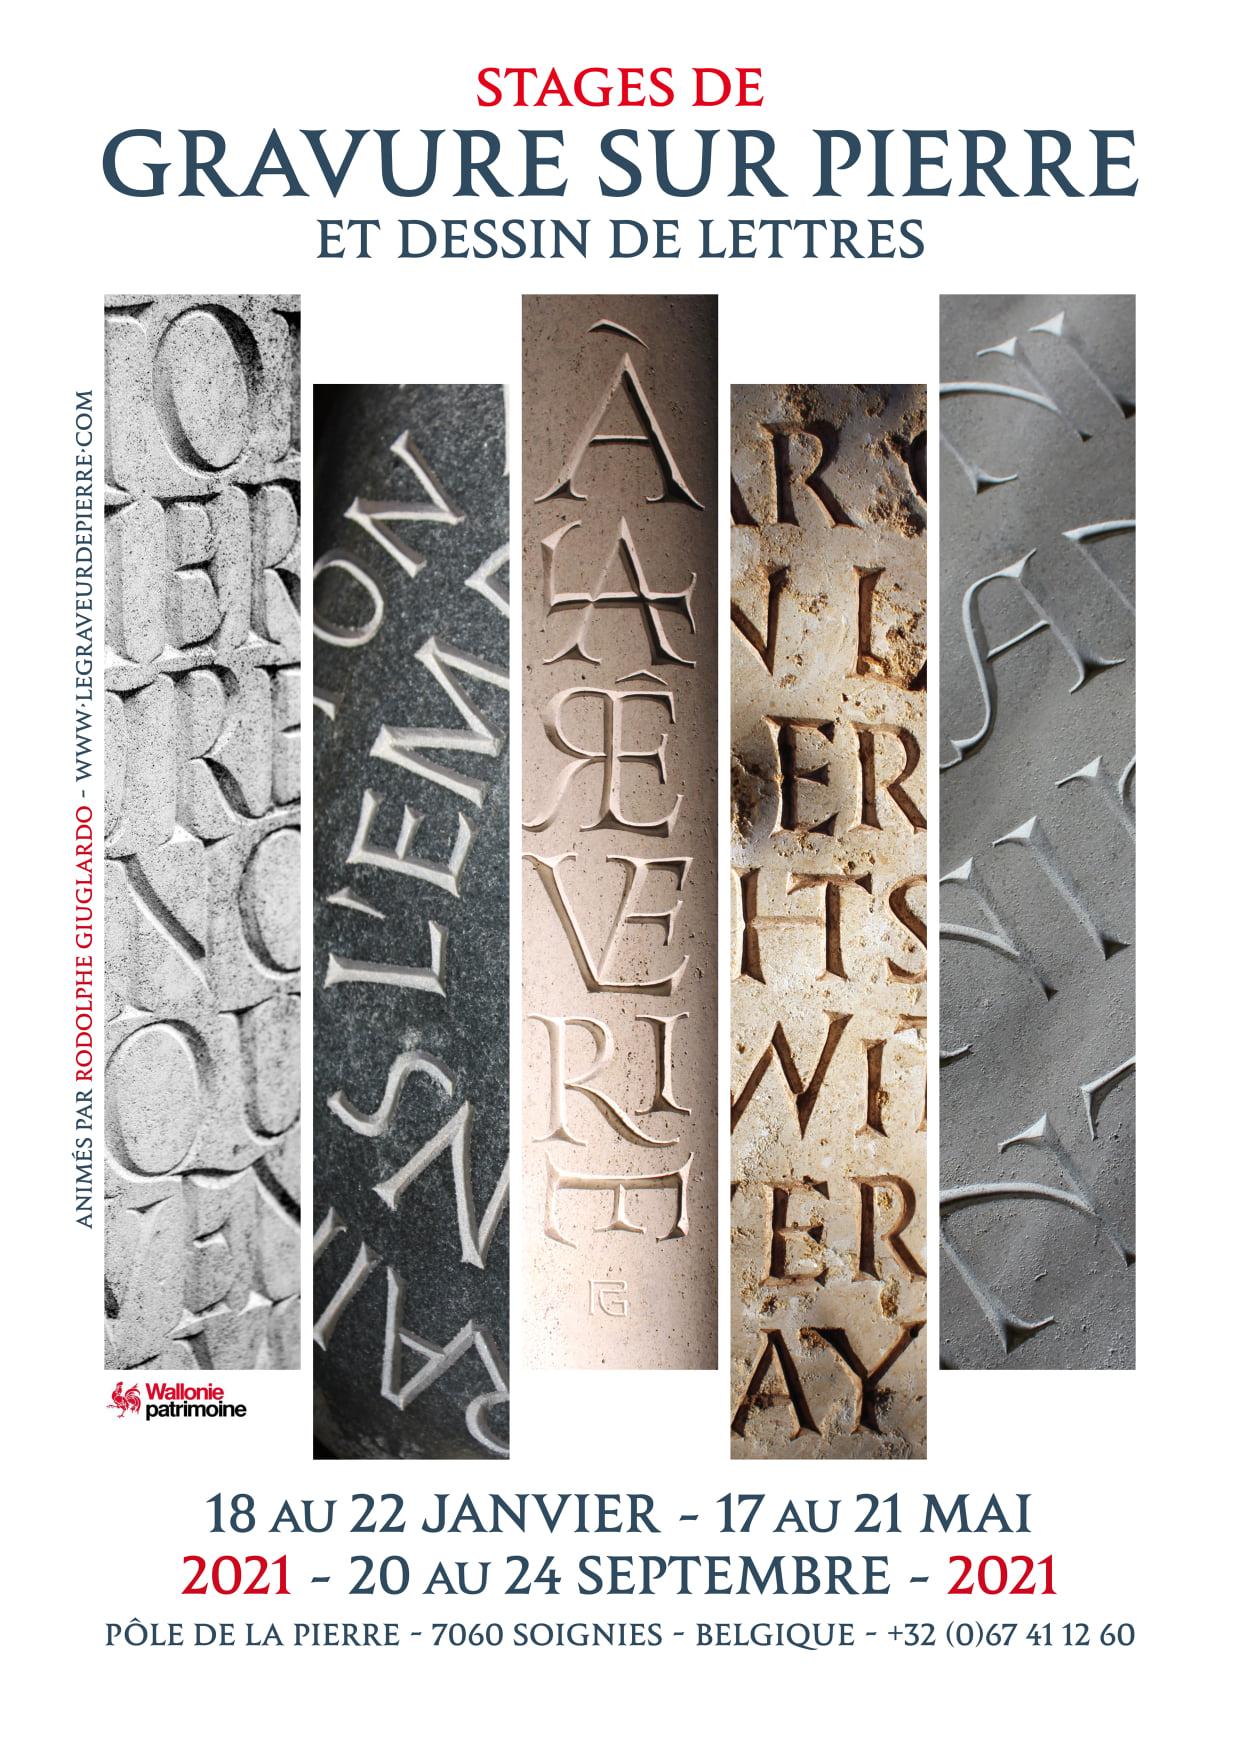 Gravure sur pierre et dessin de lettres